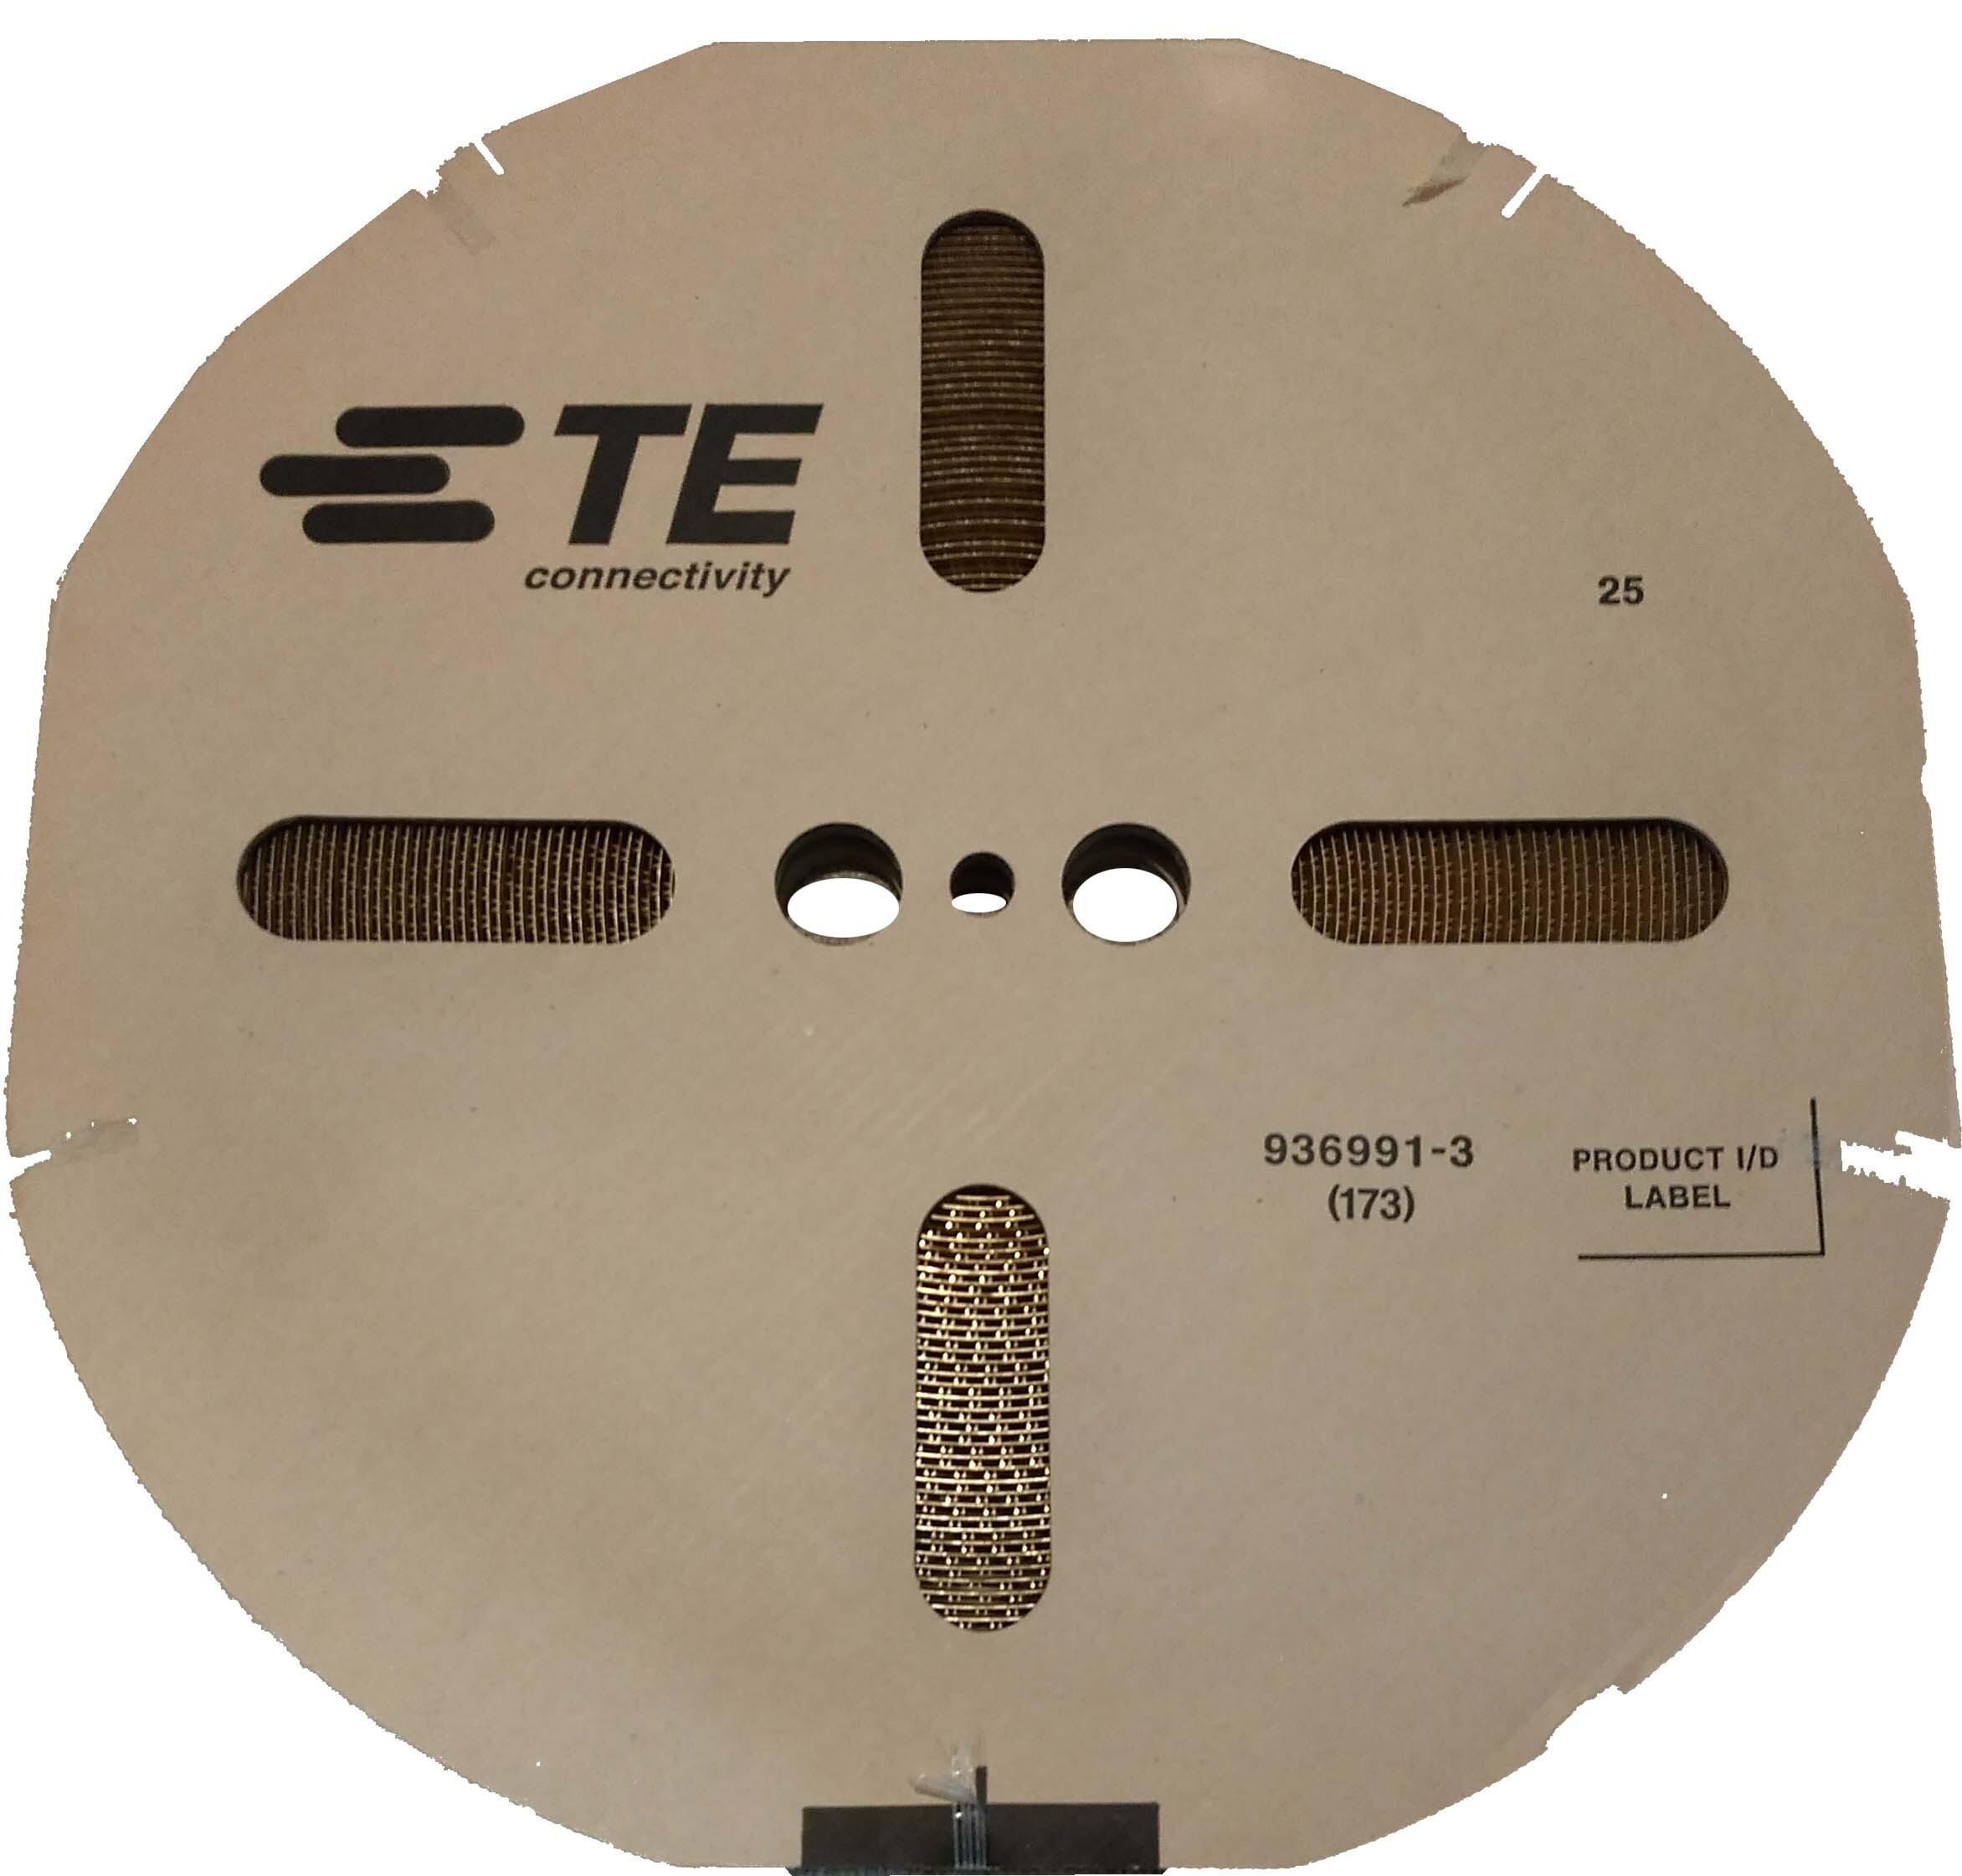 IDEコネクタピン メス 61314-1 1リール 7000pcs入り TE Connectivity/AMP CMNL SOK 24-18 TPBR